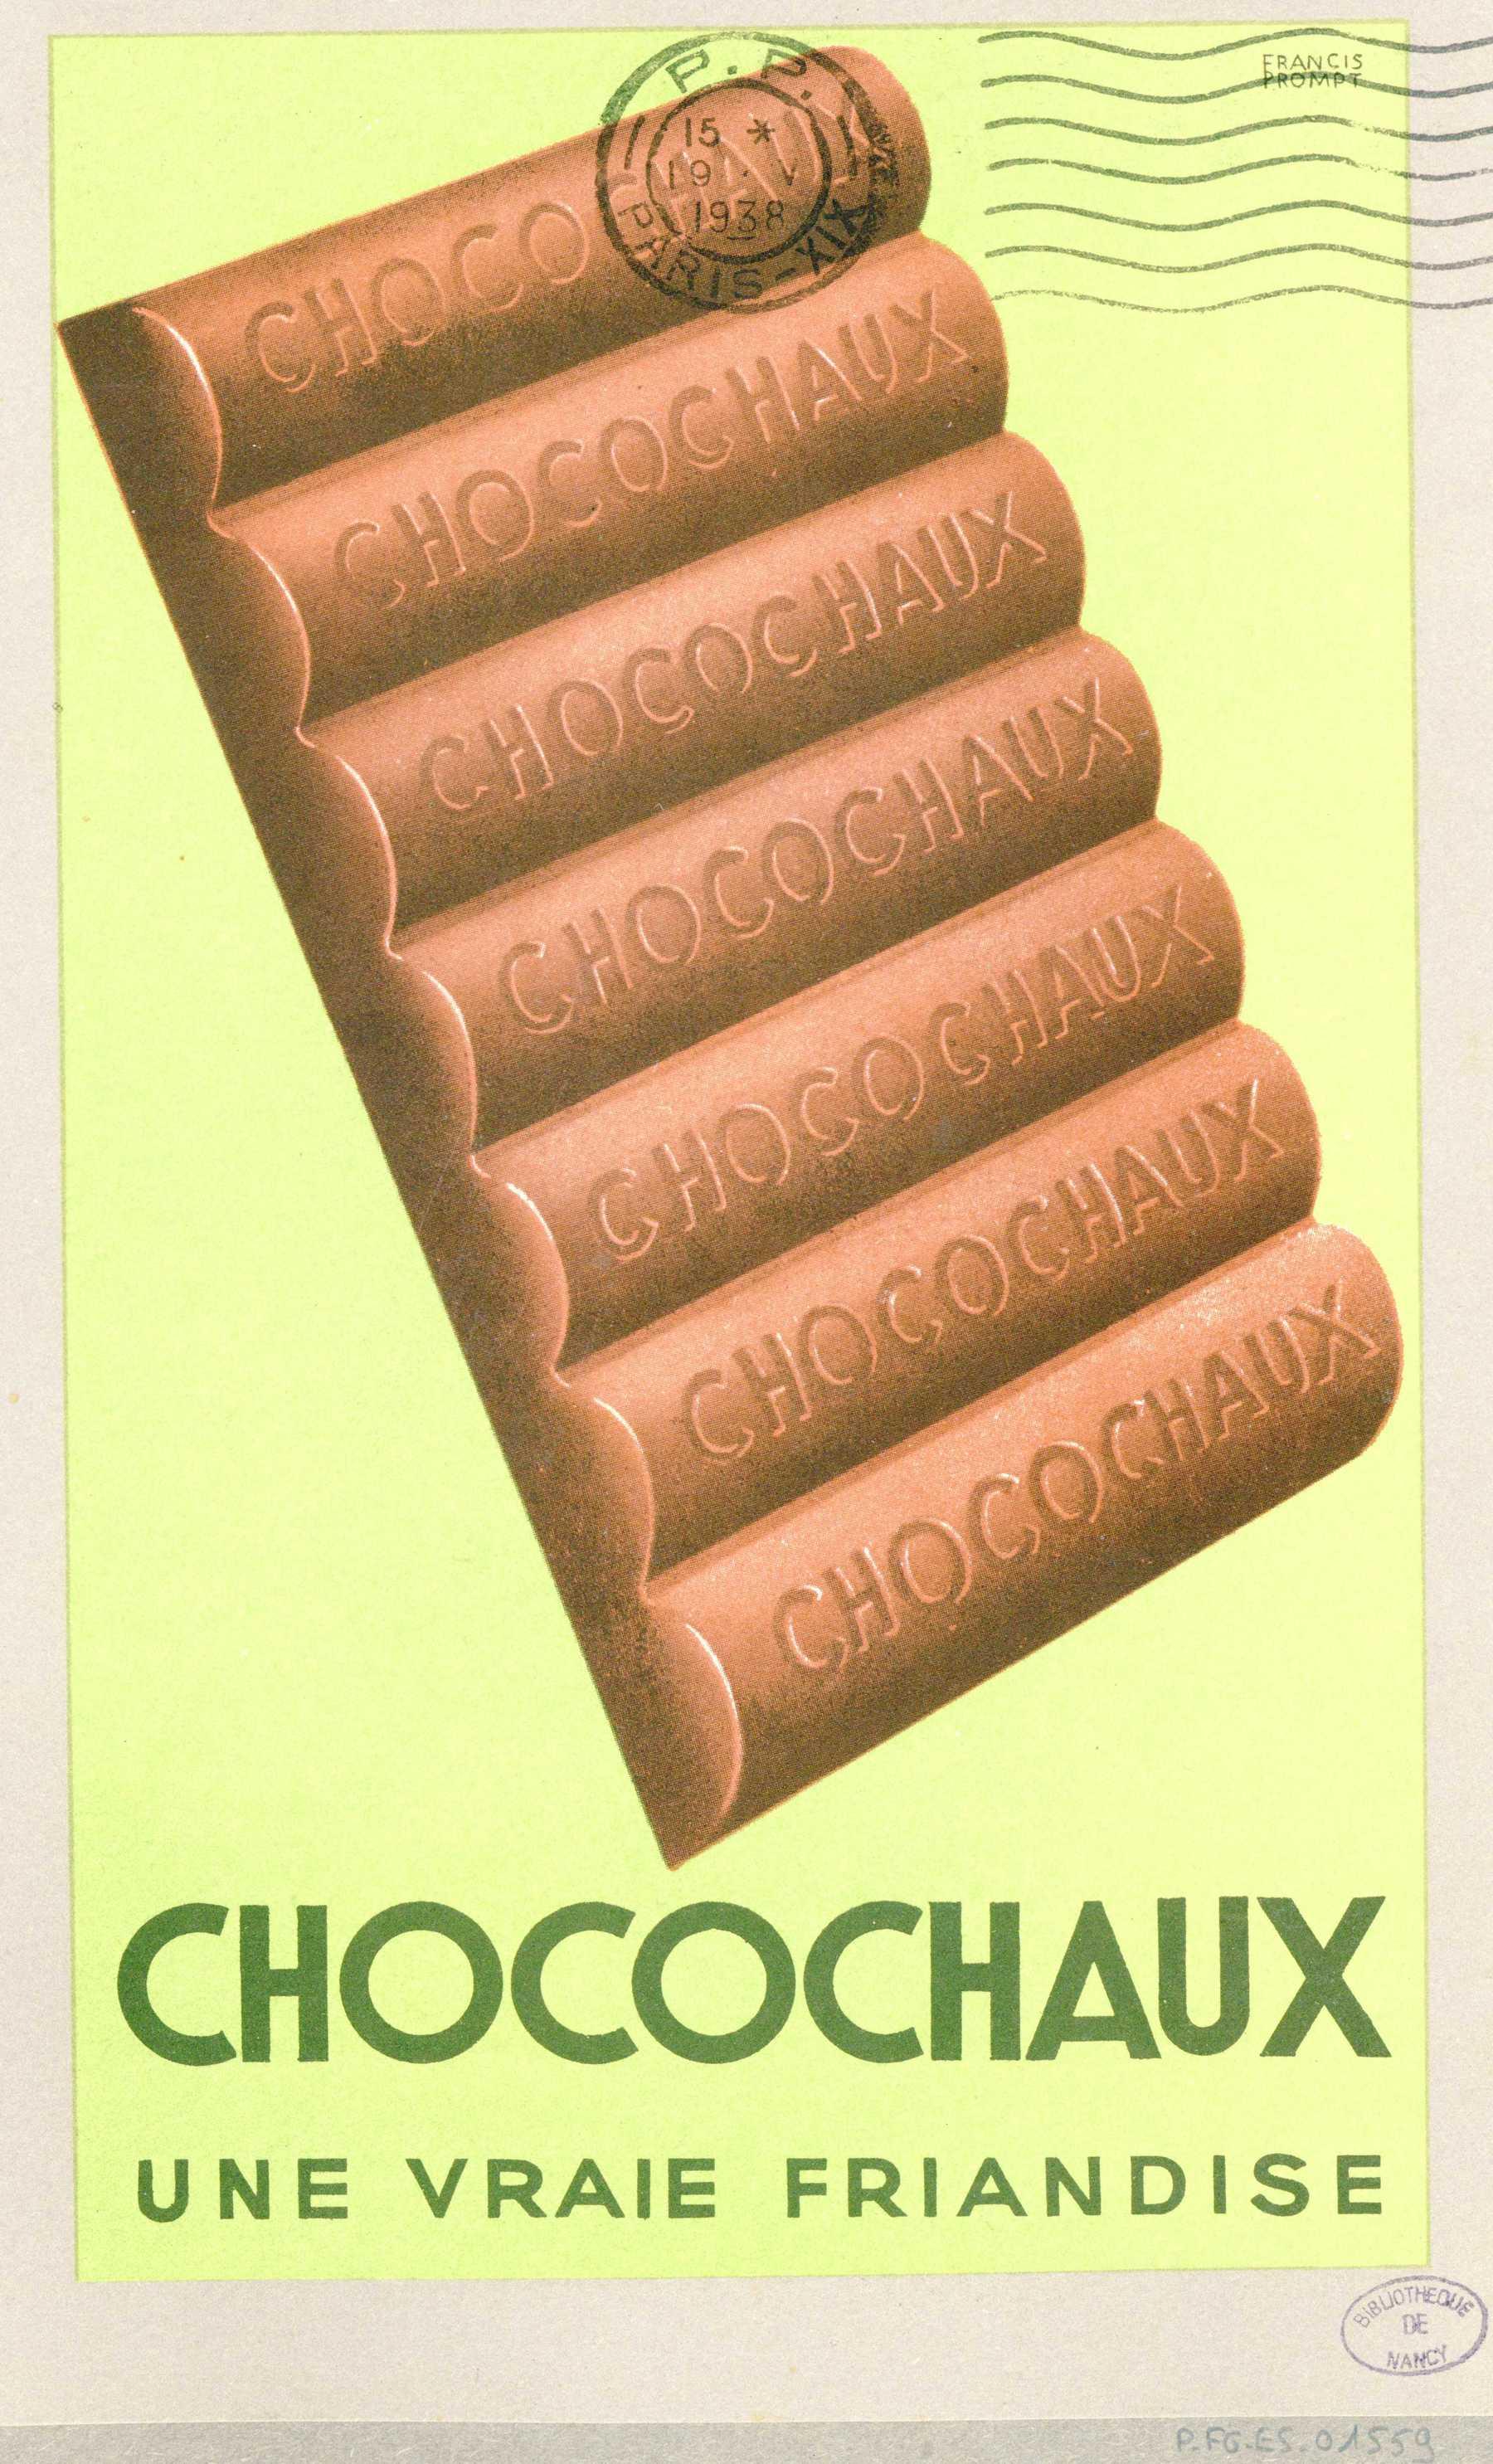 Contenu du Chocochaux